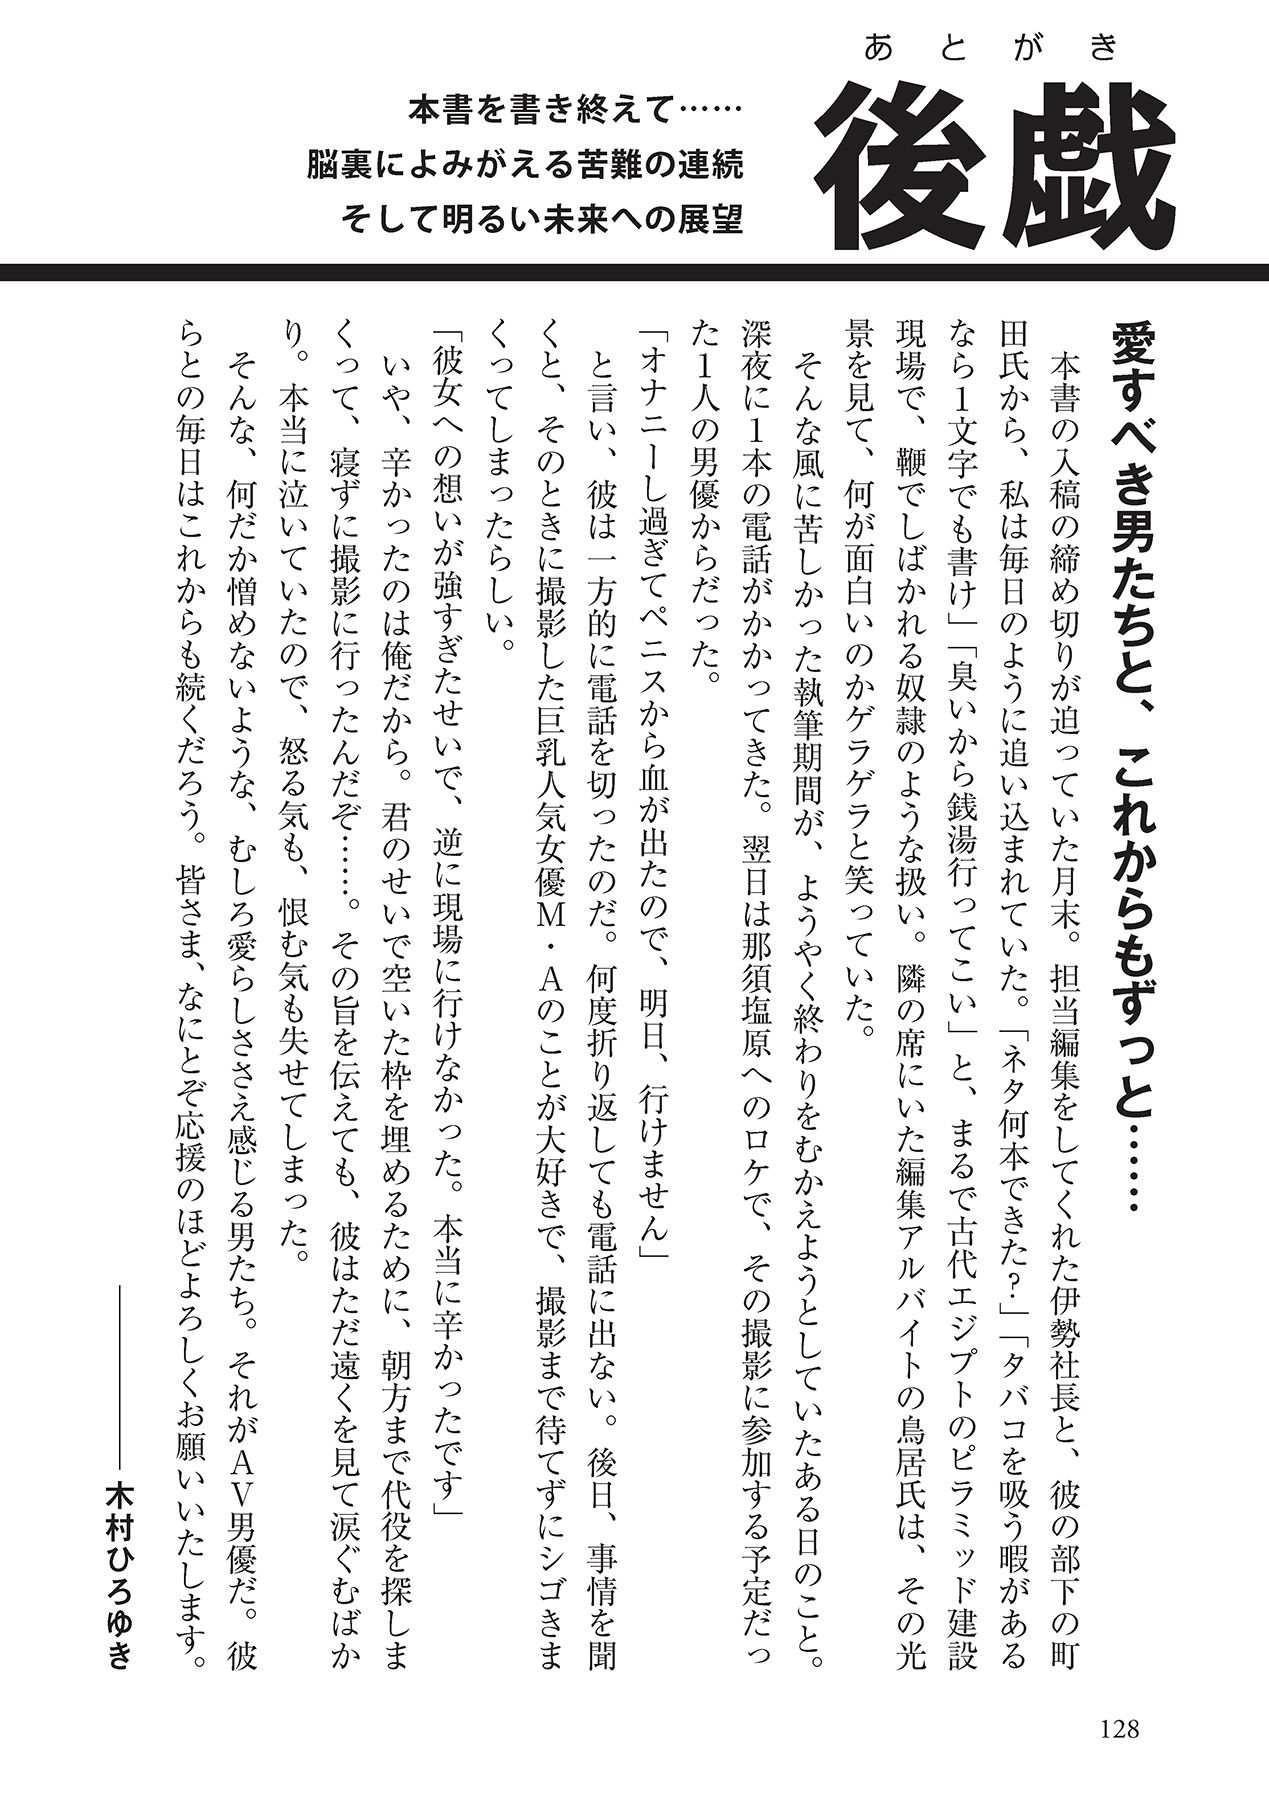 AV男優になろう! イラスト版 ヤリすぎッ! 127